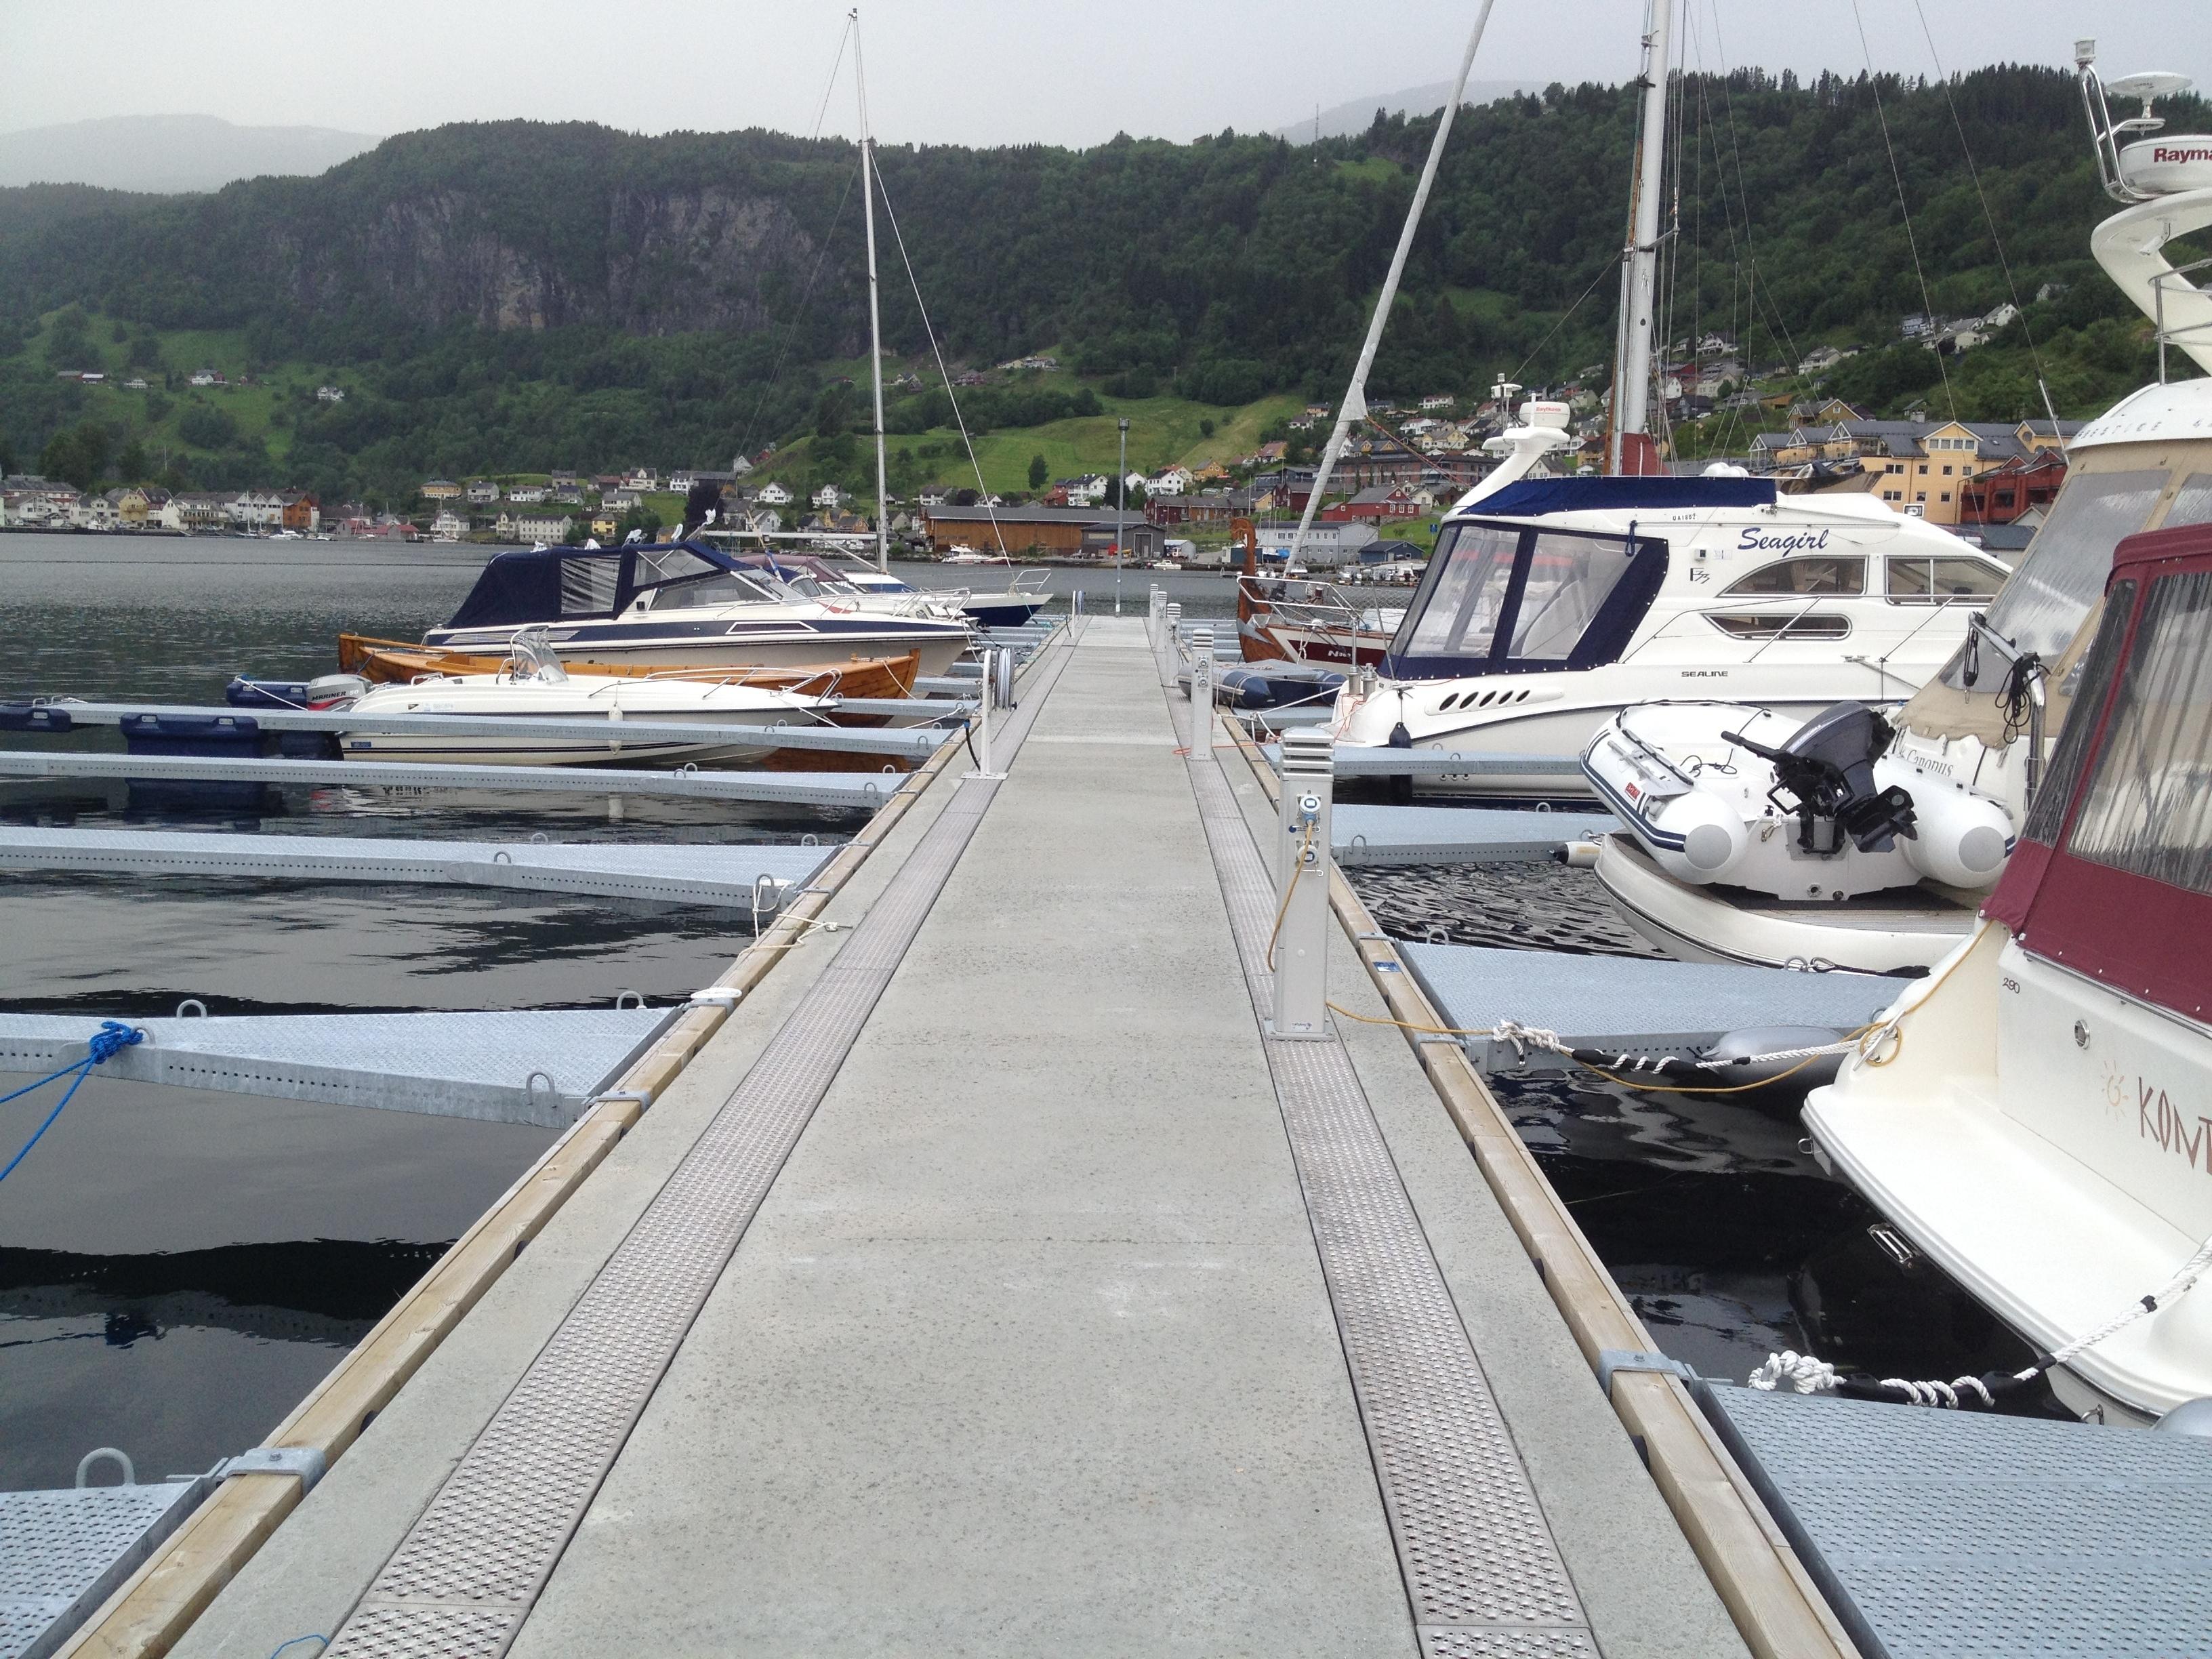 https://marinasolutions.no/uploads/Norheimsund-Båtlag_Rennebrygge-1.JPG